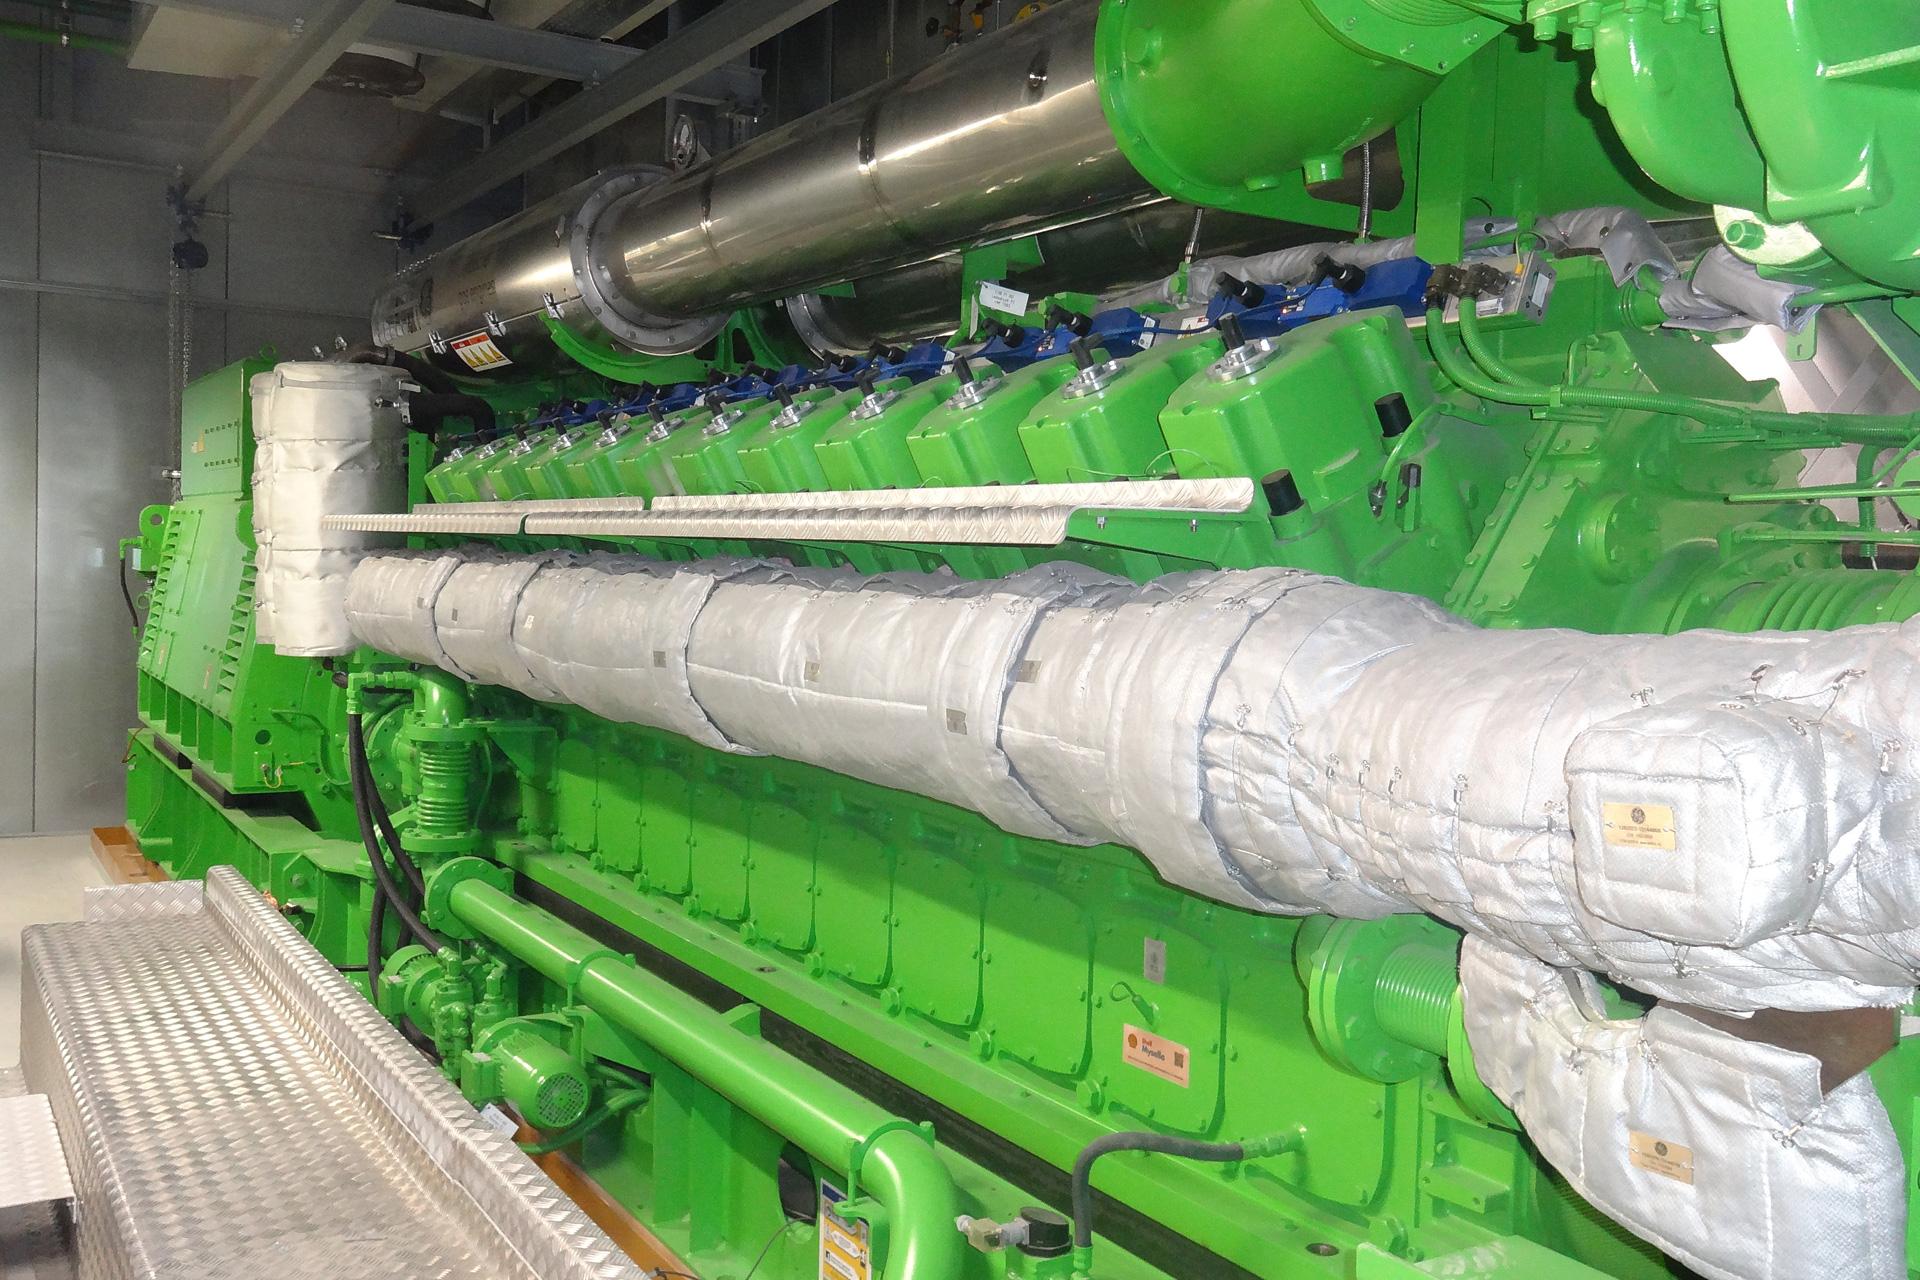 Referenzen, Blockheizkraftwerke, BHKW, 4,4 MW mit AHK und AKM